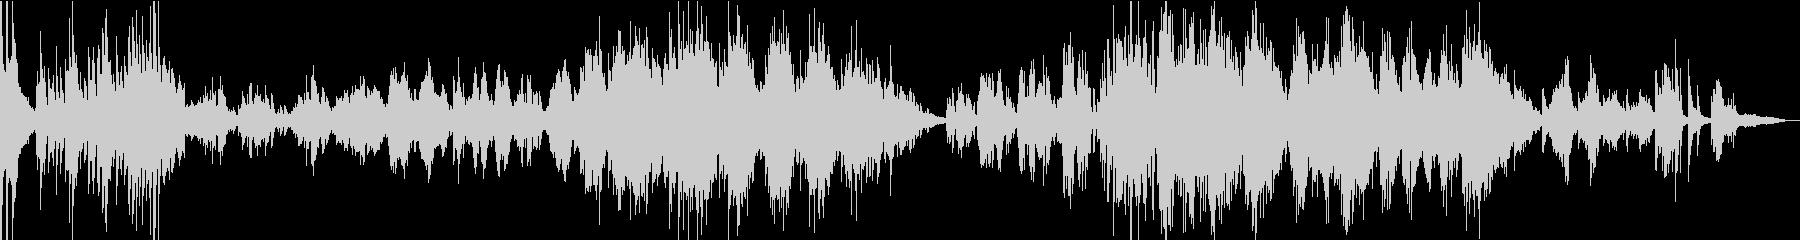 ラフマニノフの有名なメロディのメドレーの未再生の波形